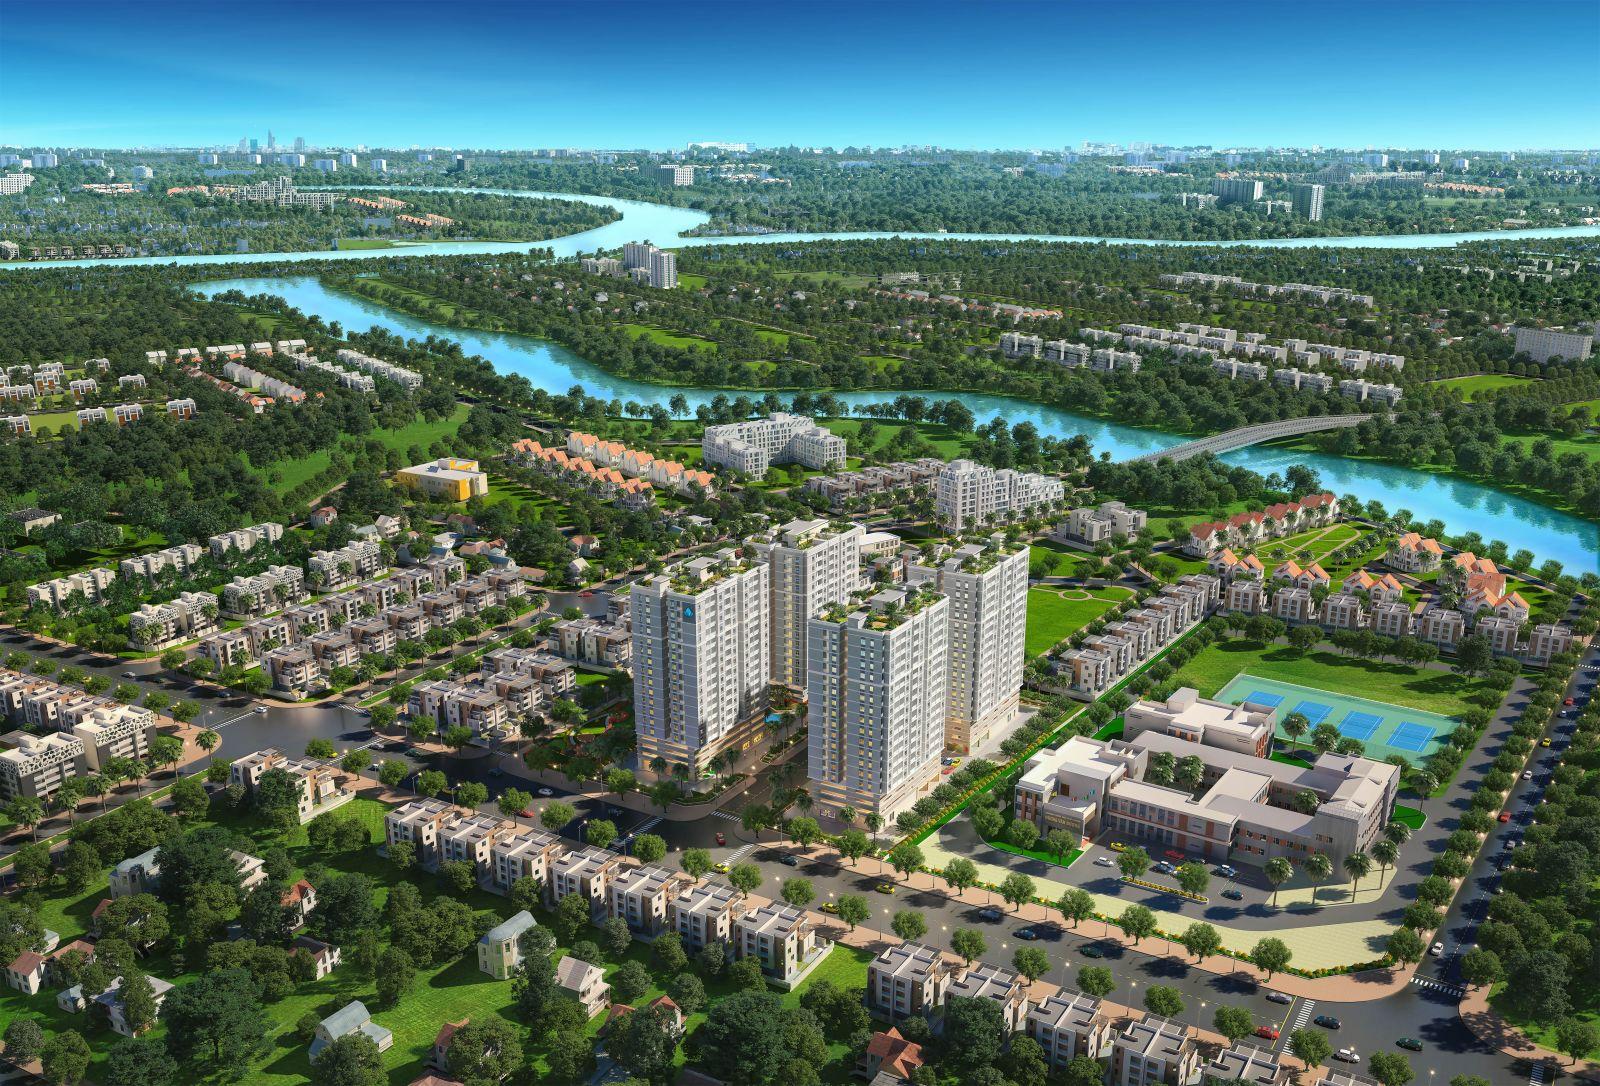 Phối cảnh dự án căn hộ chung cư Mường Thanh Gò Vấp